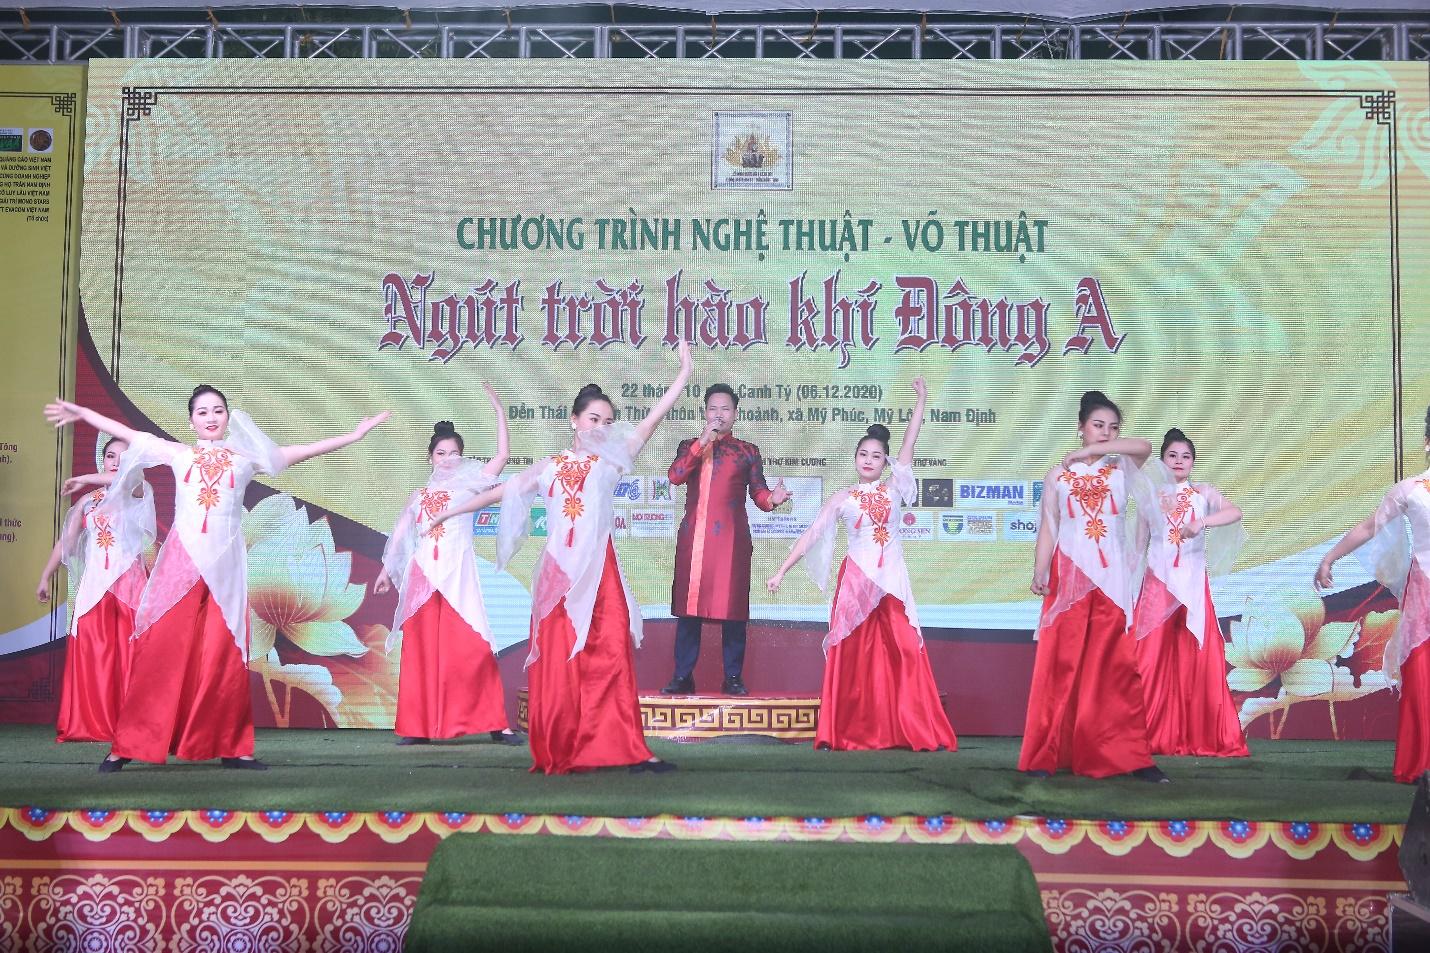 Bizman Media hân hạnh tài trợ chính thức Lễ cung rước tượng Phật hoàng Trần Nhân Tông